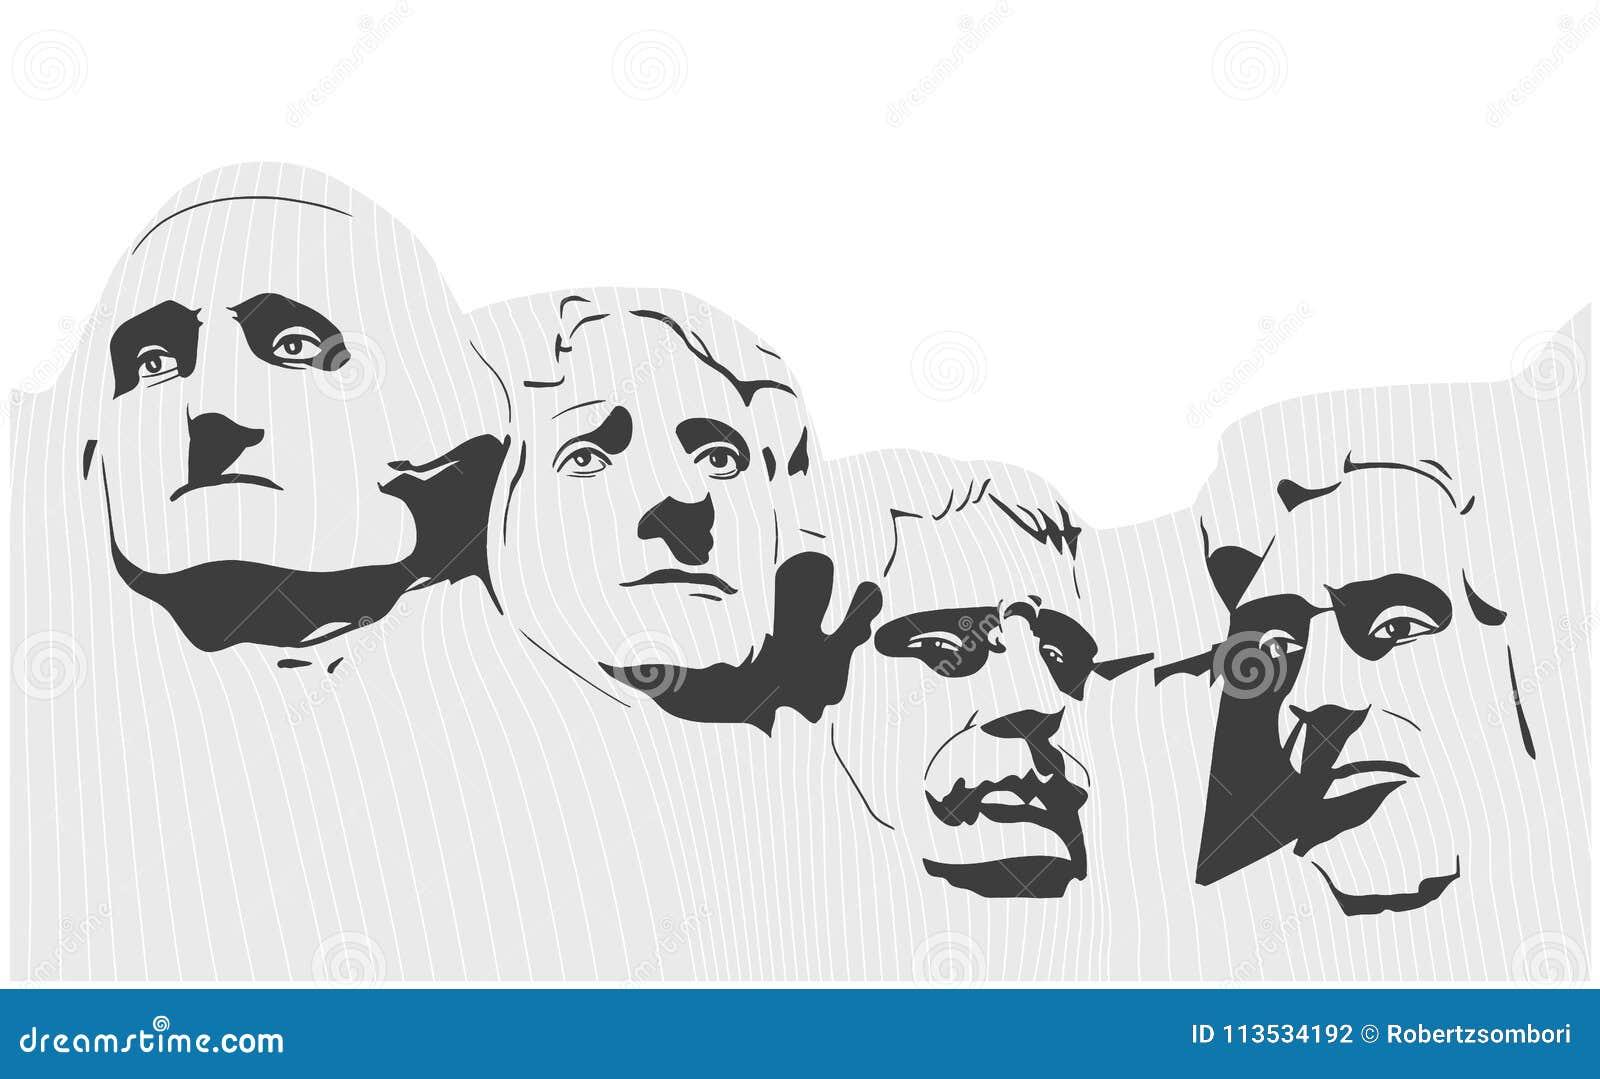 Ilustração do memorial nacional do Monte Rushmore em preto e branco